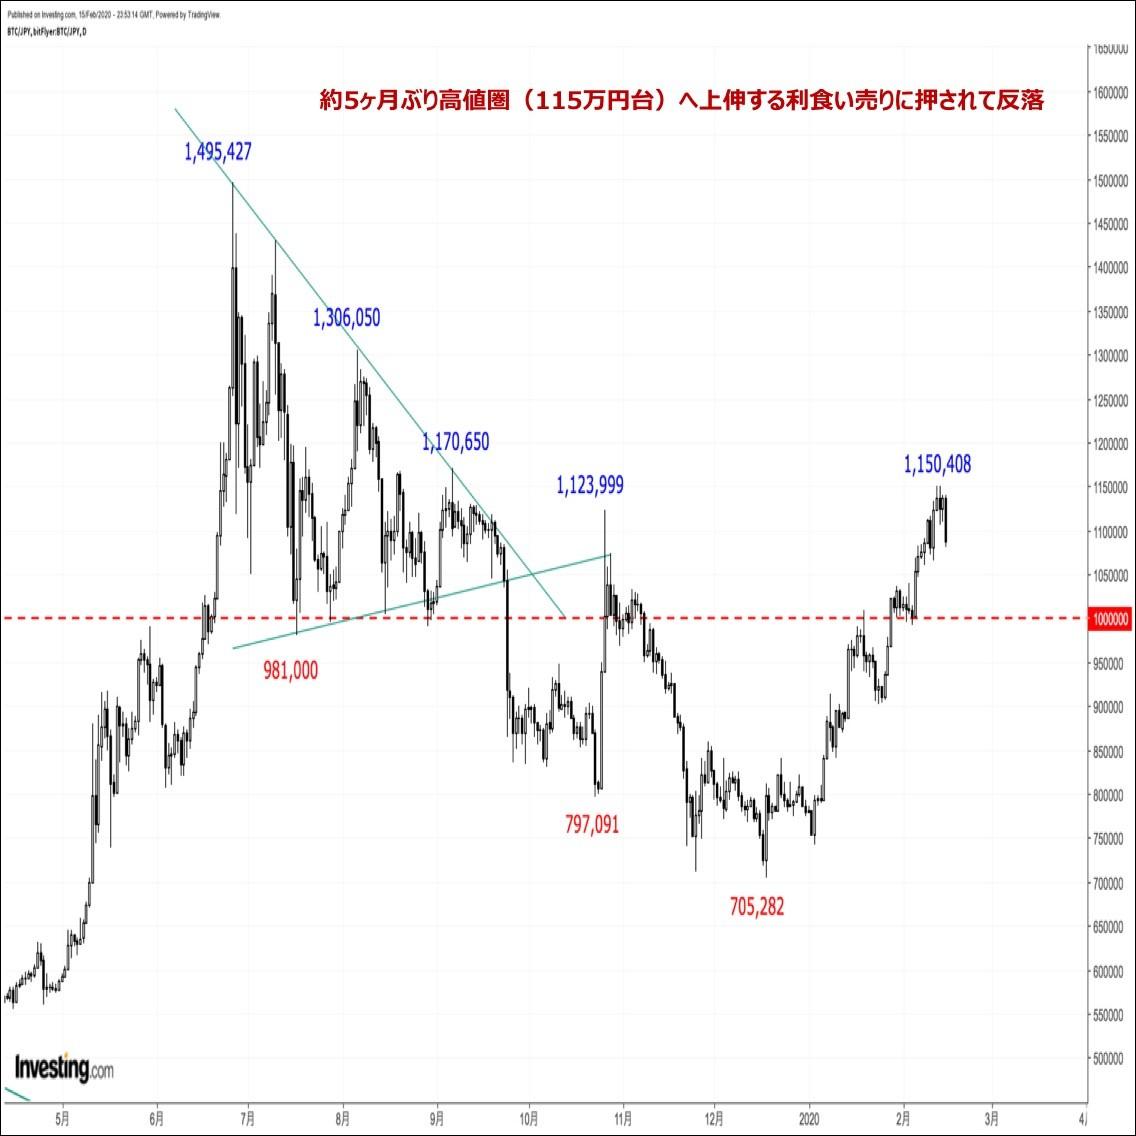 ビットコインの価格分析:『約5ヶ月ぶり高値更新後に反落。上昇基調継続か終了か重要な局面へ』